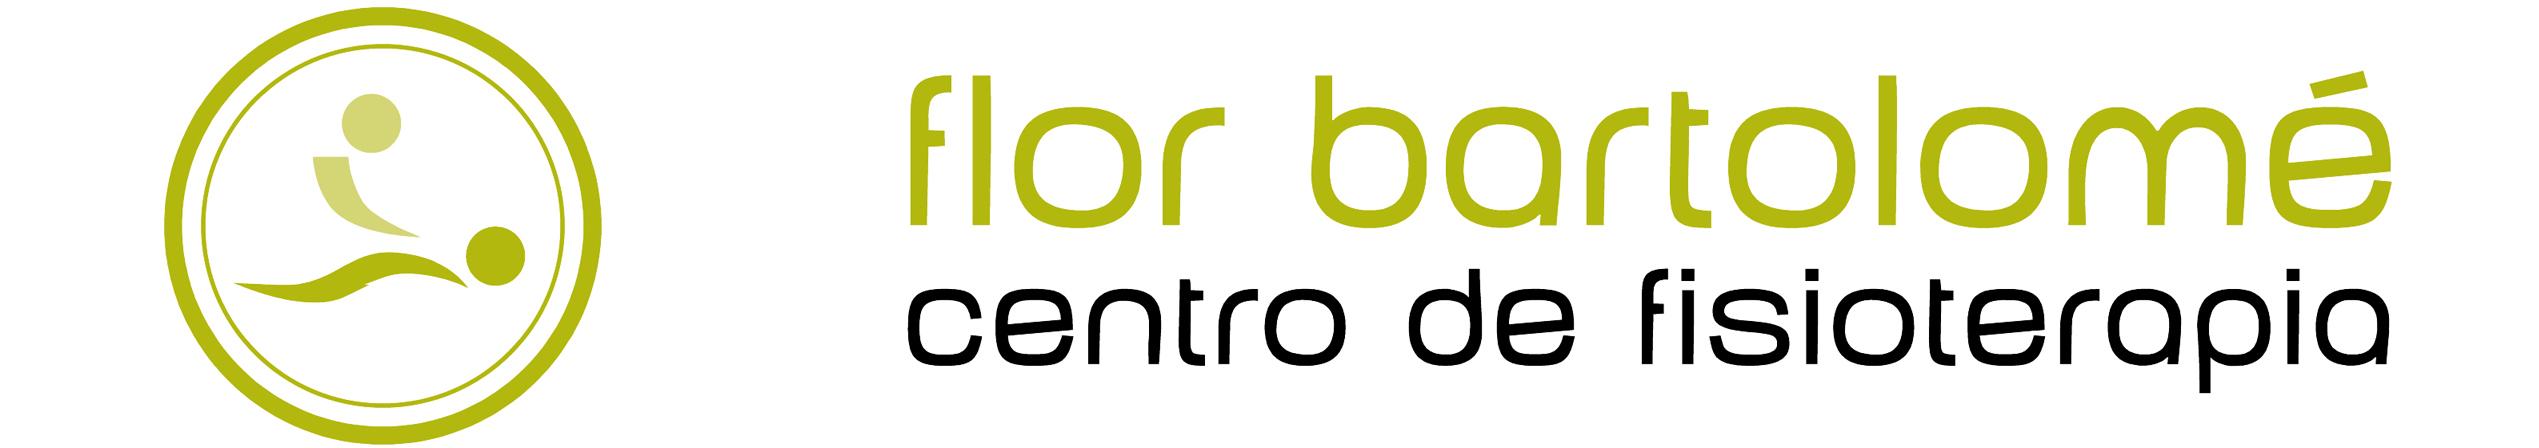 Centro de Fisioterapia Flor Bartolomé